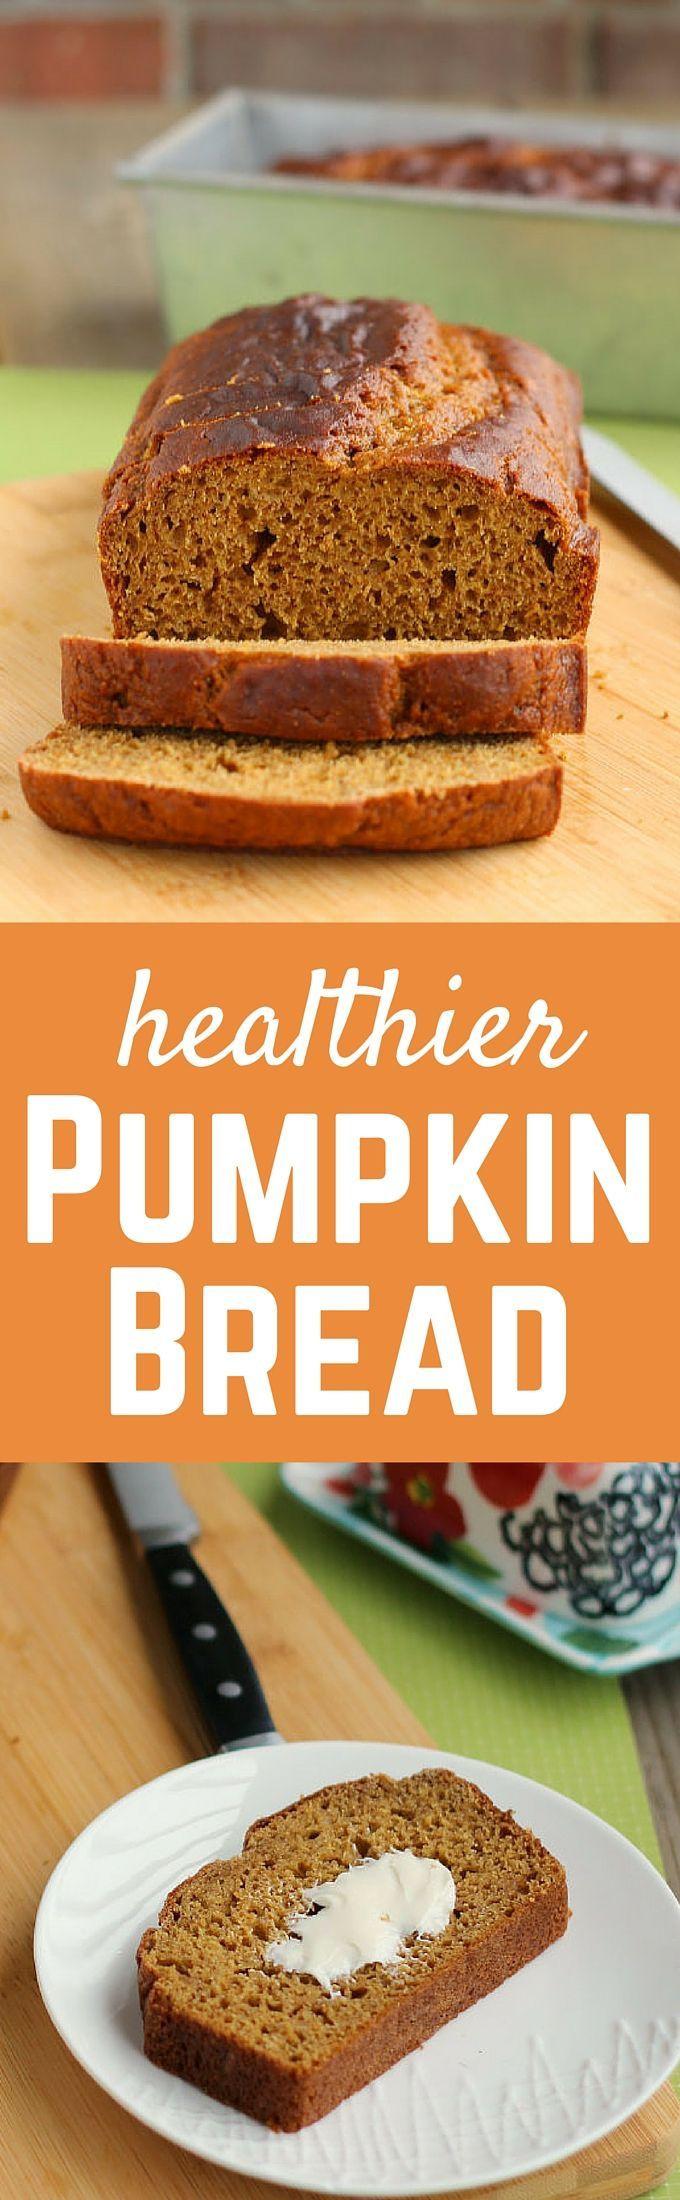 Healthy Pumpkin Bread  Healthier Pumpkin Bread Recipe